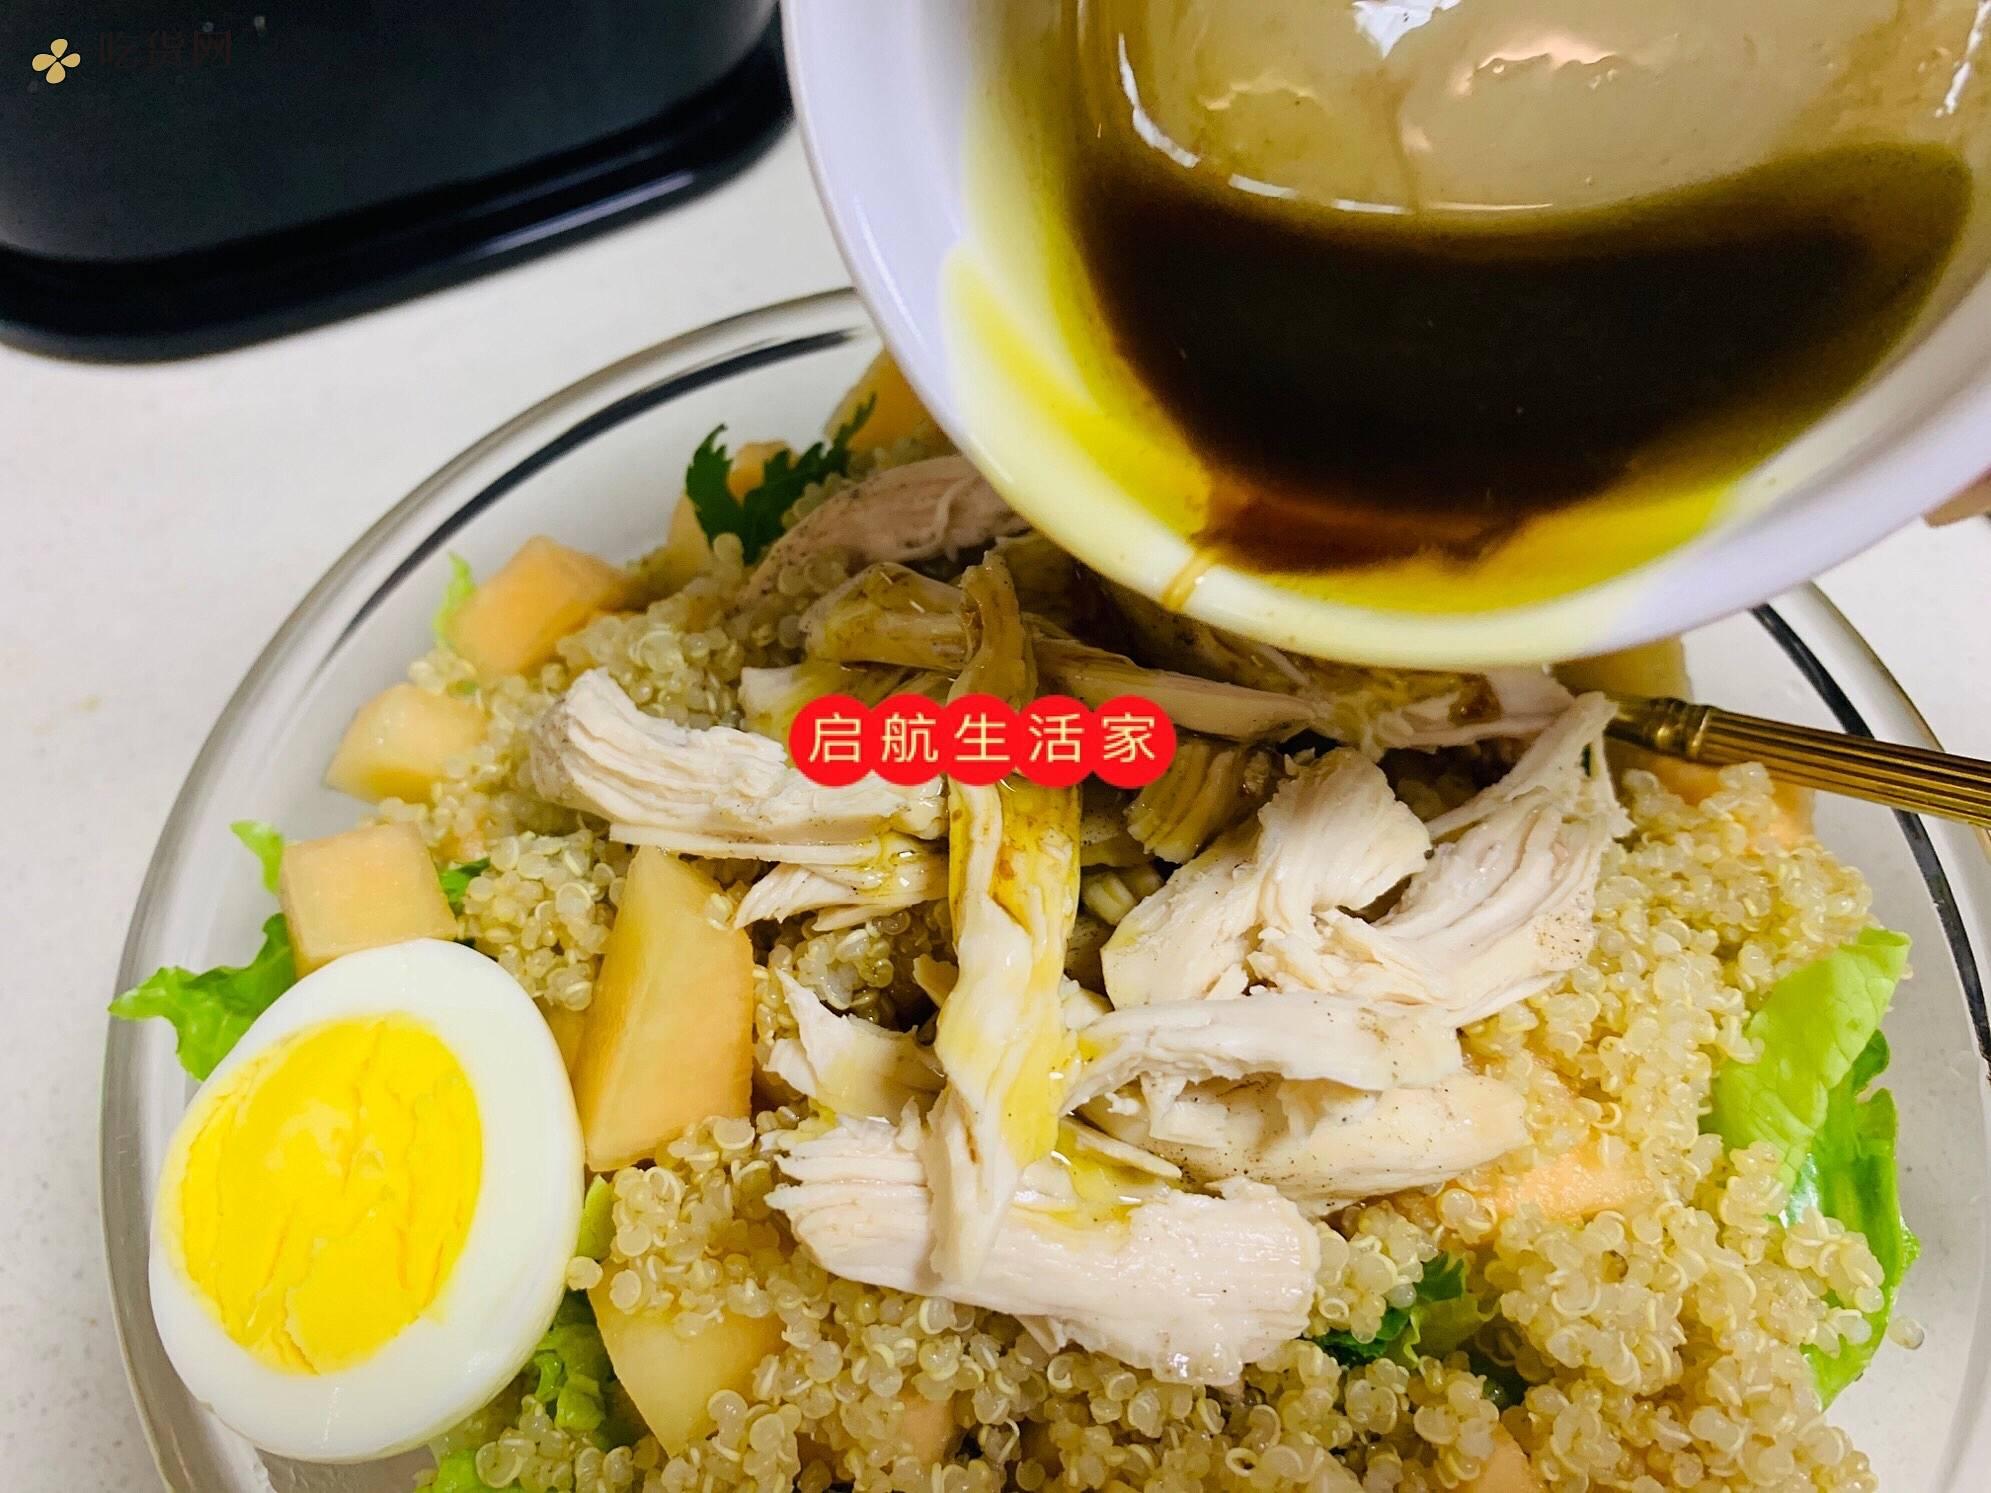 减肥餐,藜麦鸡胸沙拉的做法 步骤8